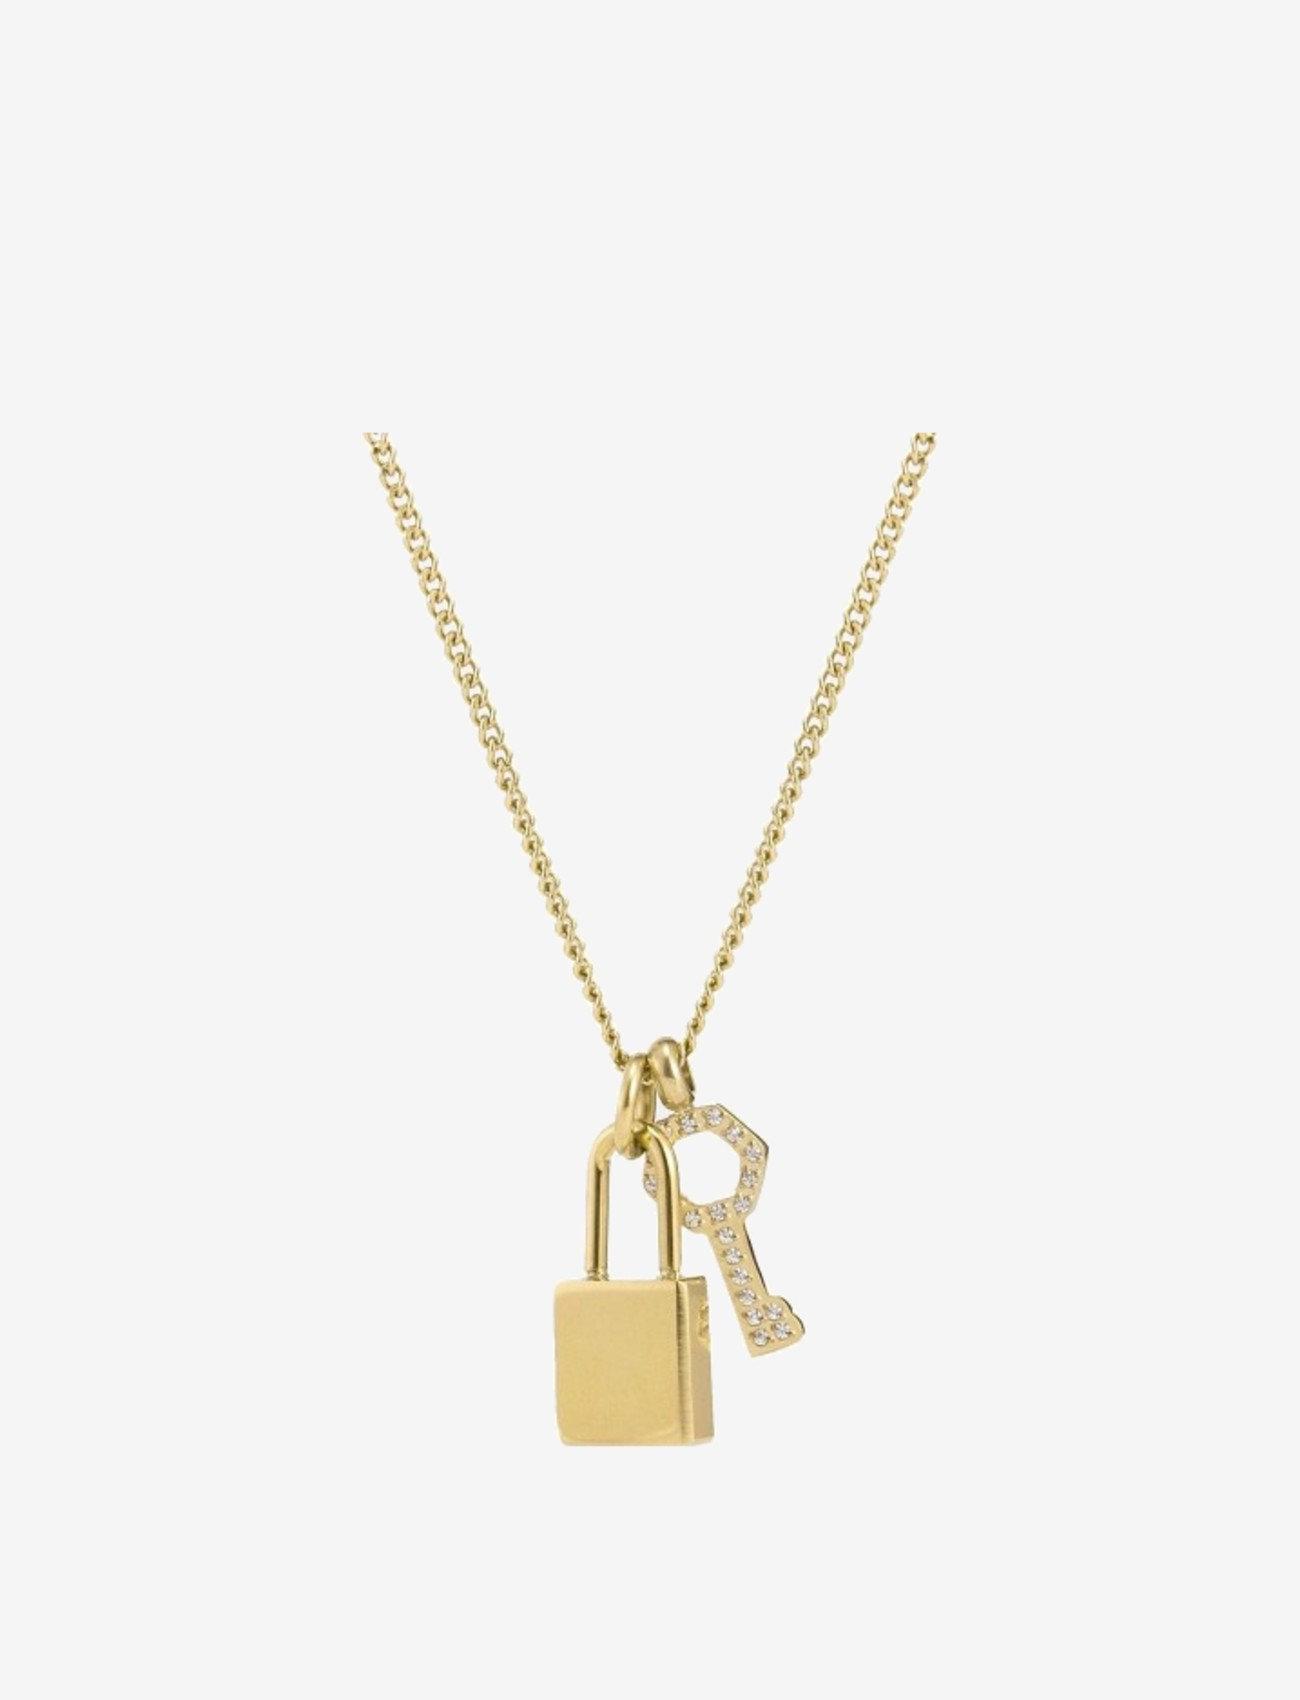 Bud to rose - Love Lock Necklace Steel - kettingen met hanger - gold - 1